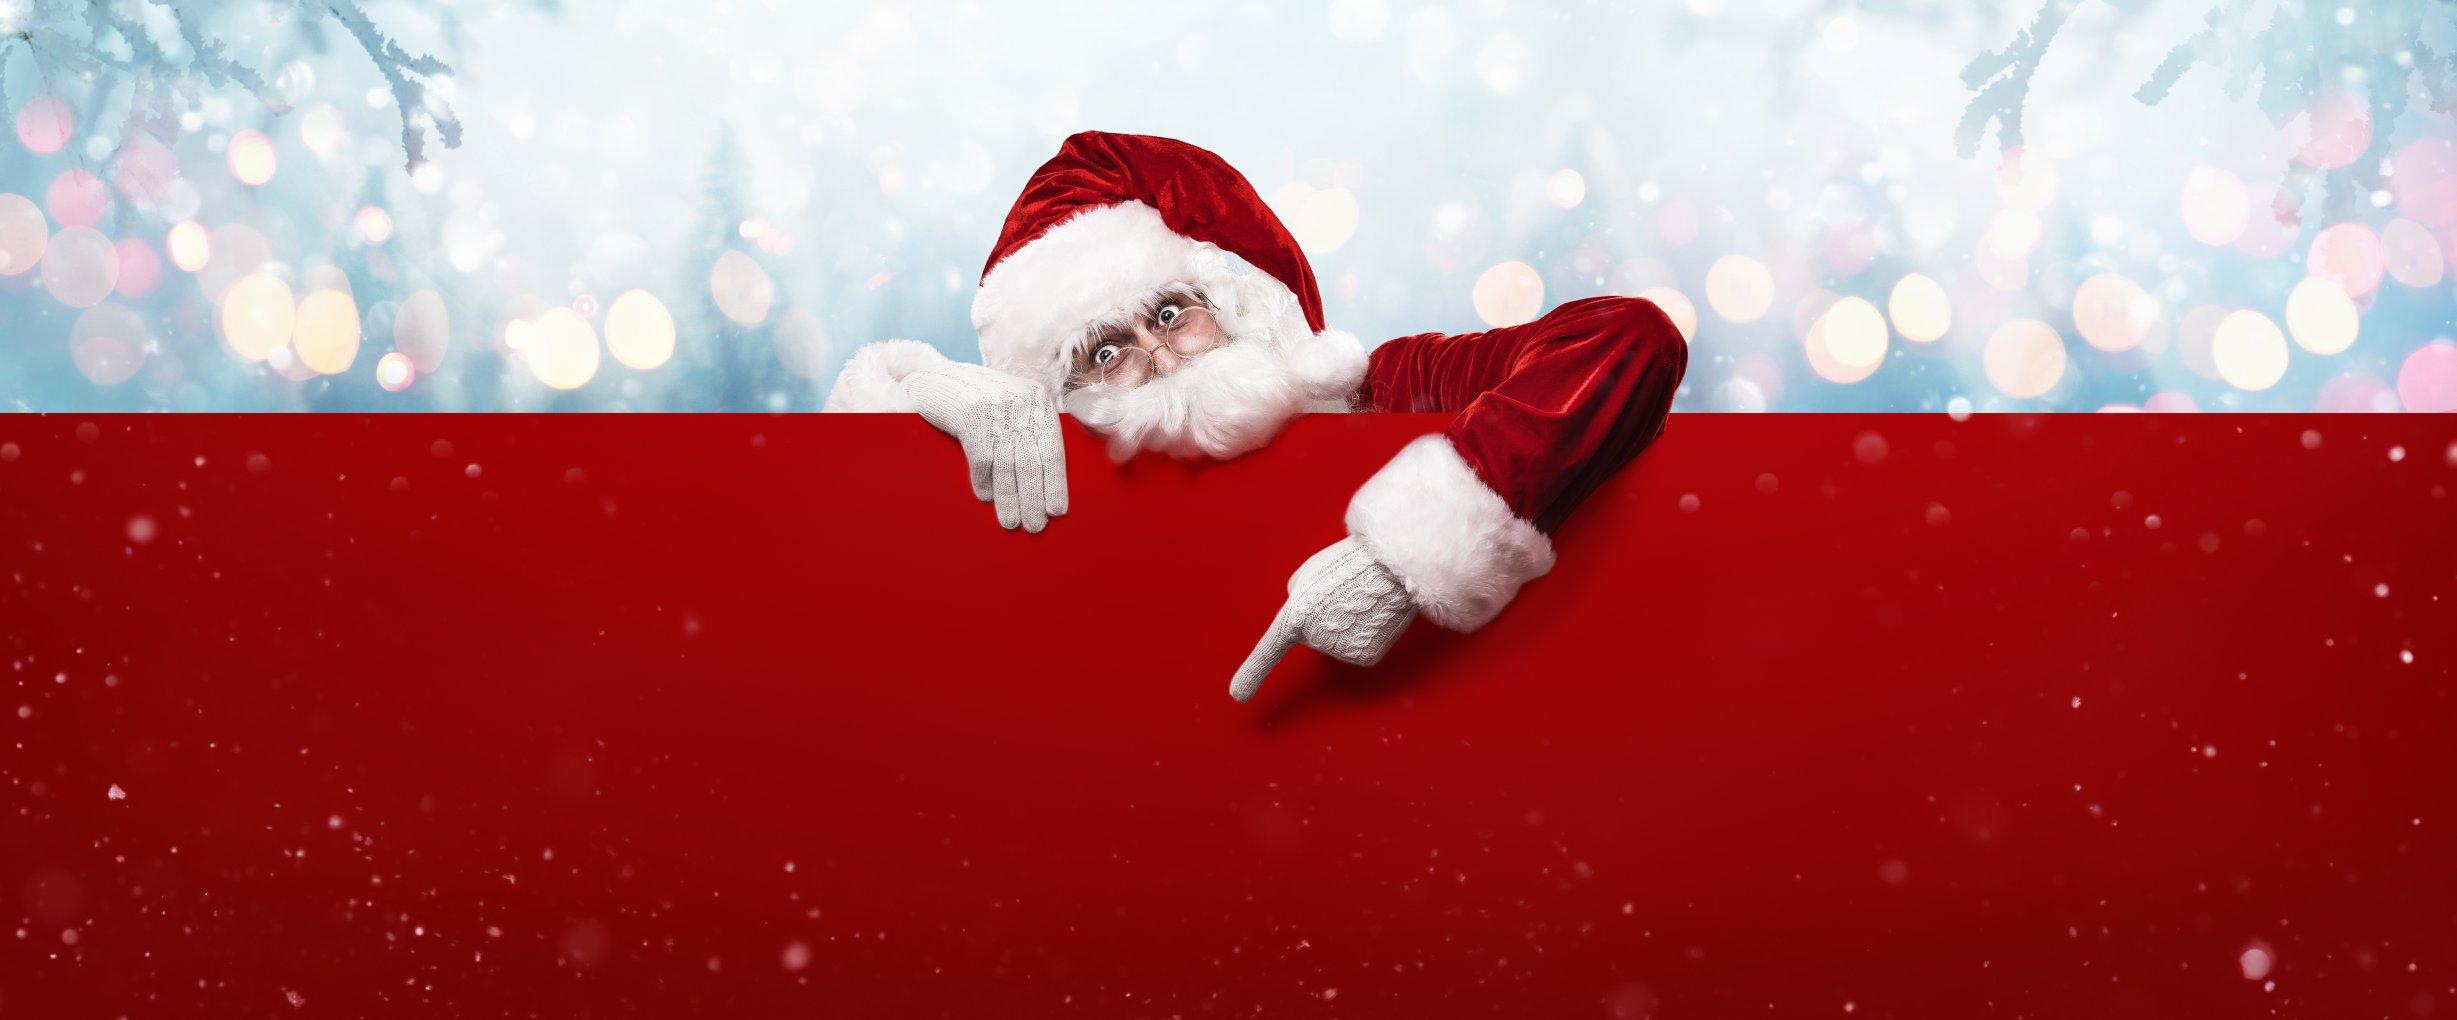 كفرات فيس بوك راس السنه و الكريسماس 11 غلاف فيس بوك رأس السنة و الكريسماس